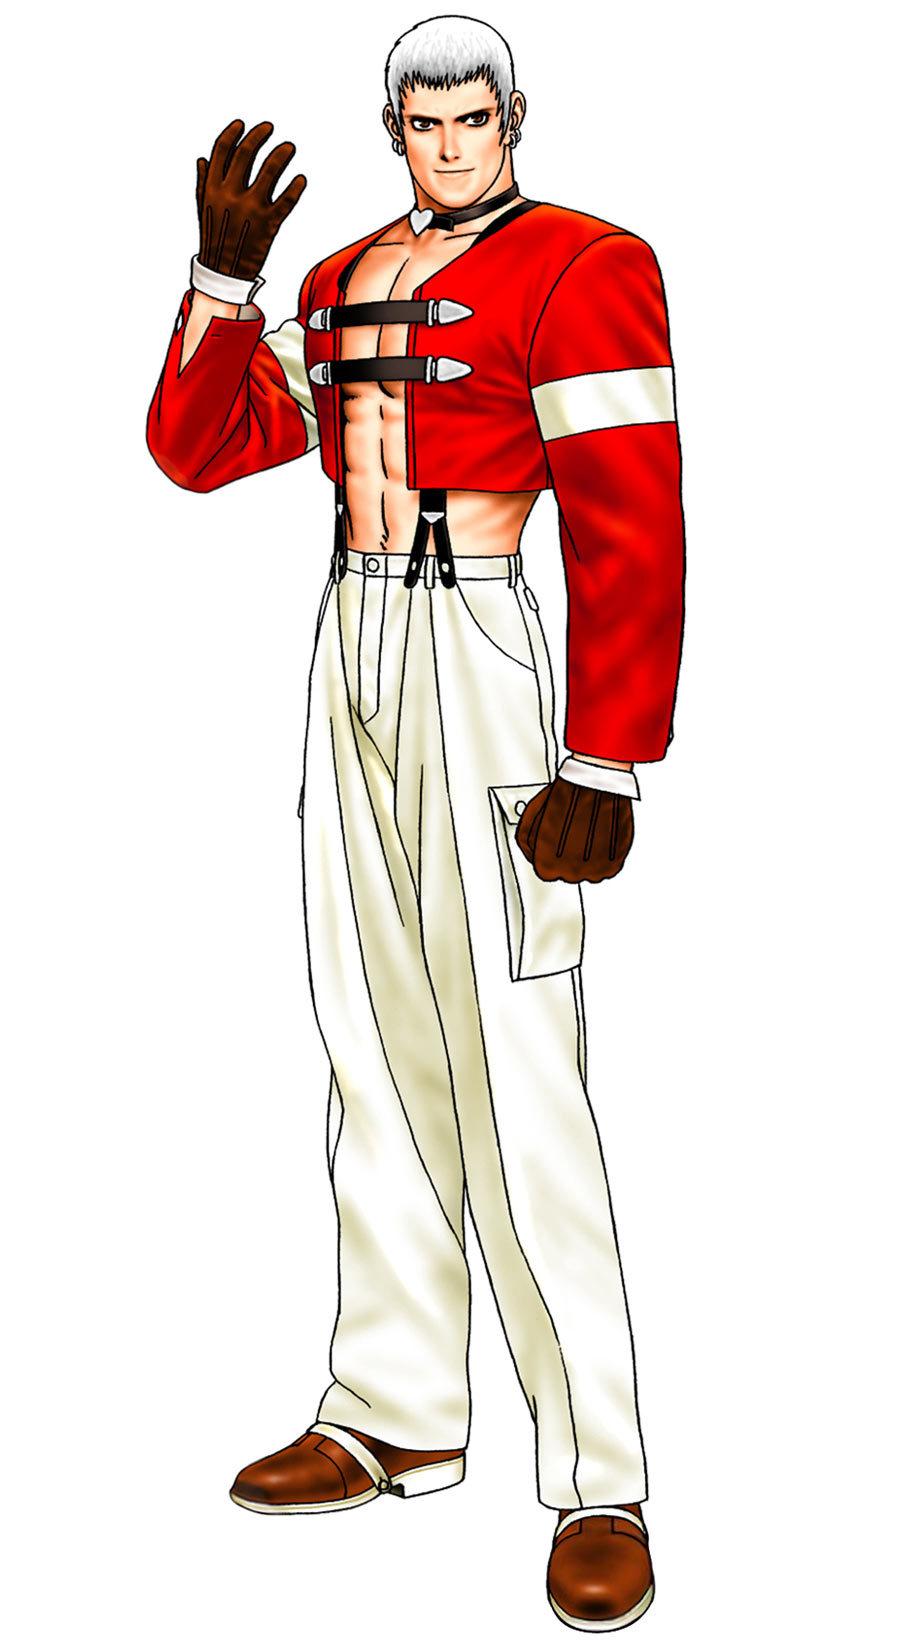 Pour vous qui est le meilleur personnage des jeux de combat SNK - Page 3 1603115c3be2188833fc46406a07c80e2eea32